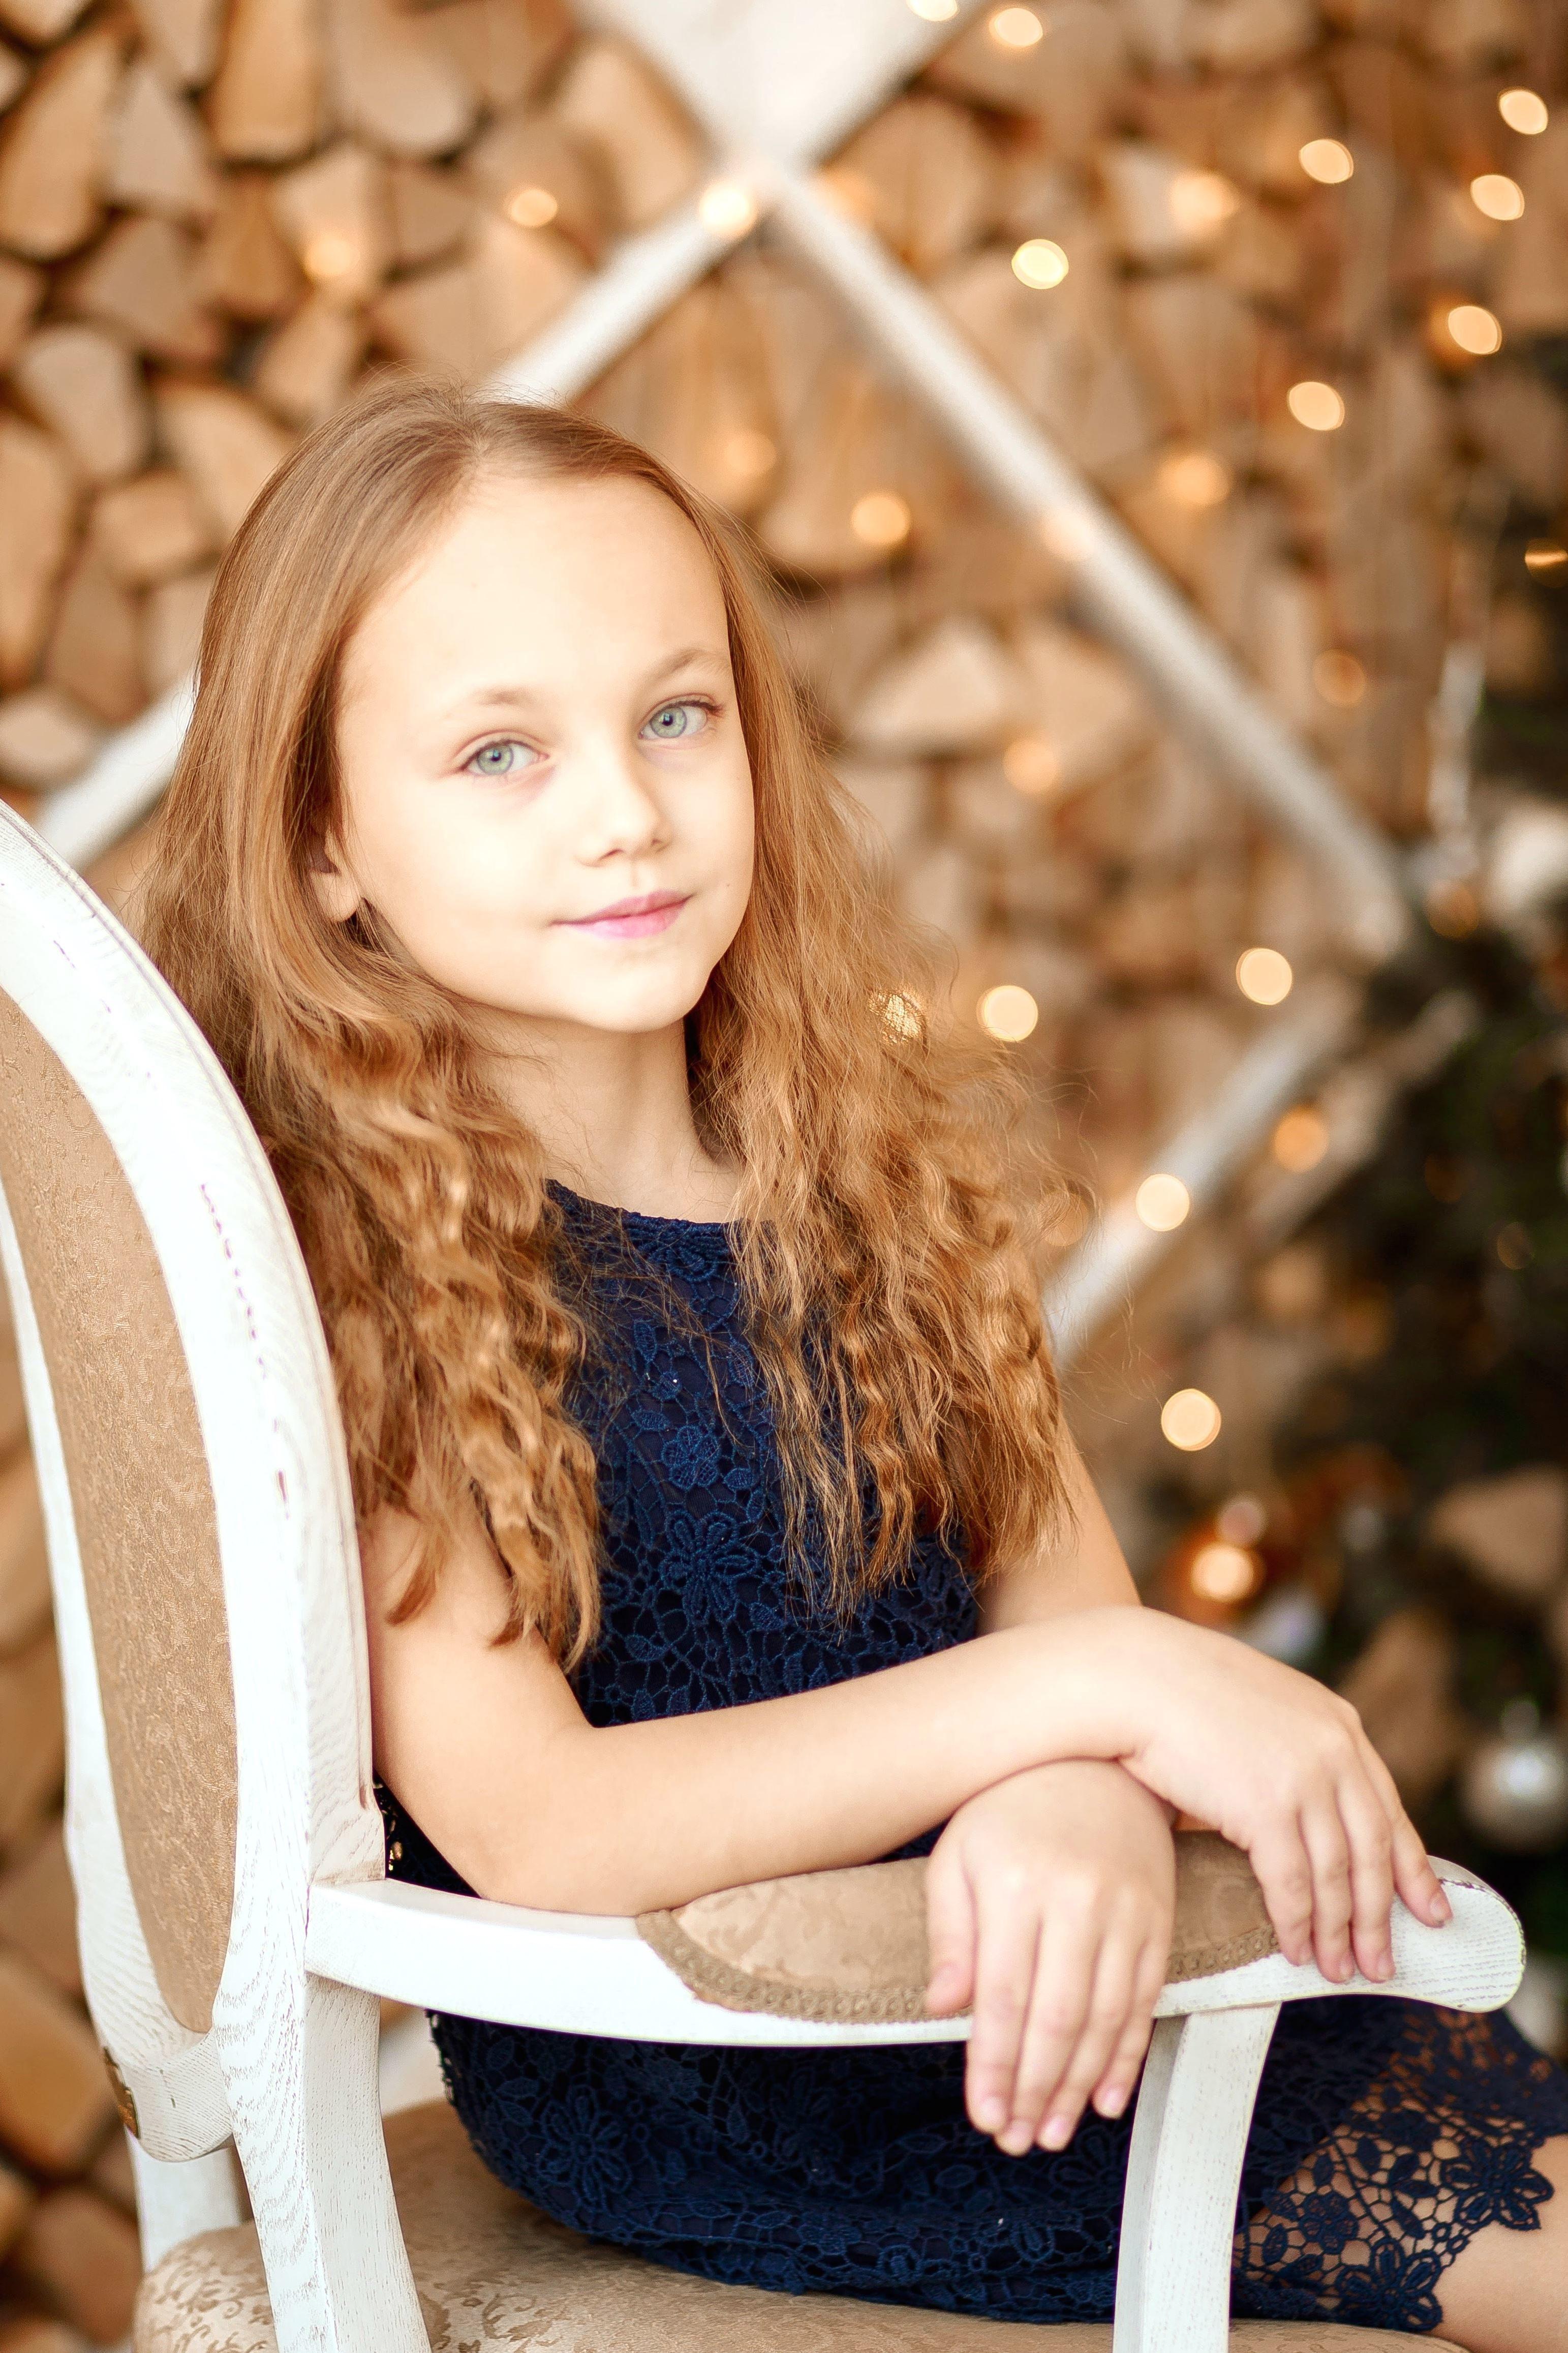 フリー写真画像: かなりの女の子、若い、美、かわいい、顔、ファッション、髪